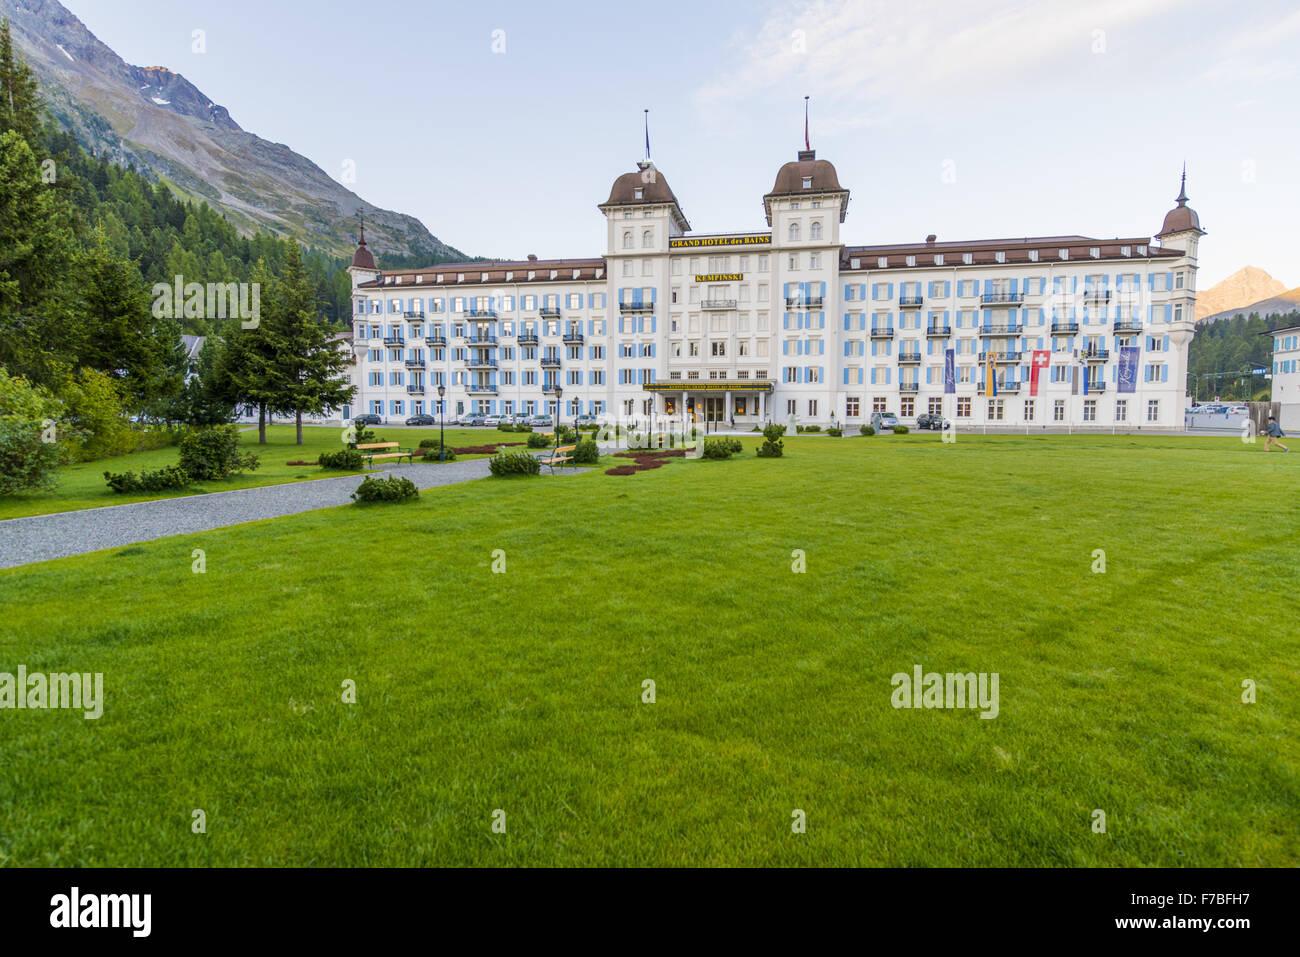 Kempinski Hotel di lusso, il Grand Hotel des Bains di sunrise, San Moritz Engadin, dei Grigioni, Svizzera, Grigioni Immagini Stock